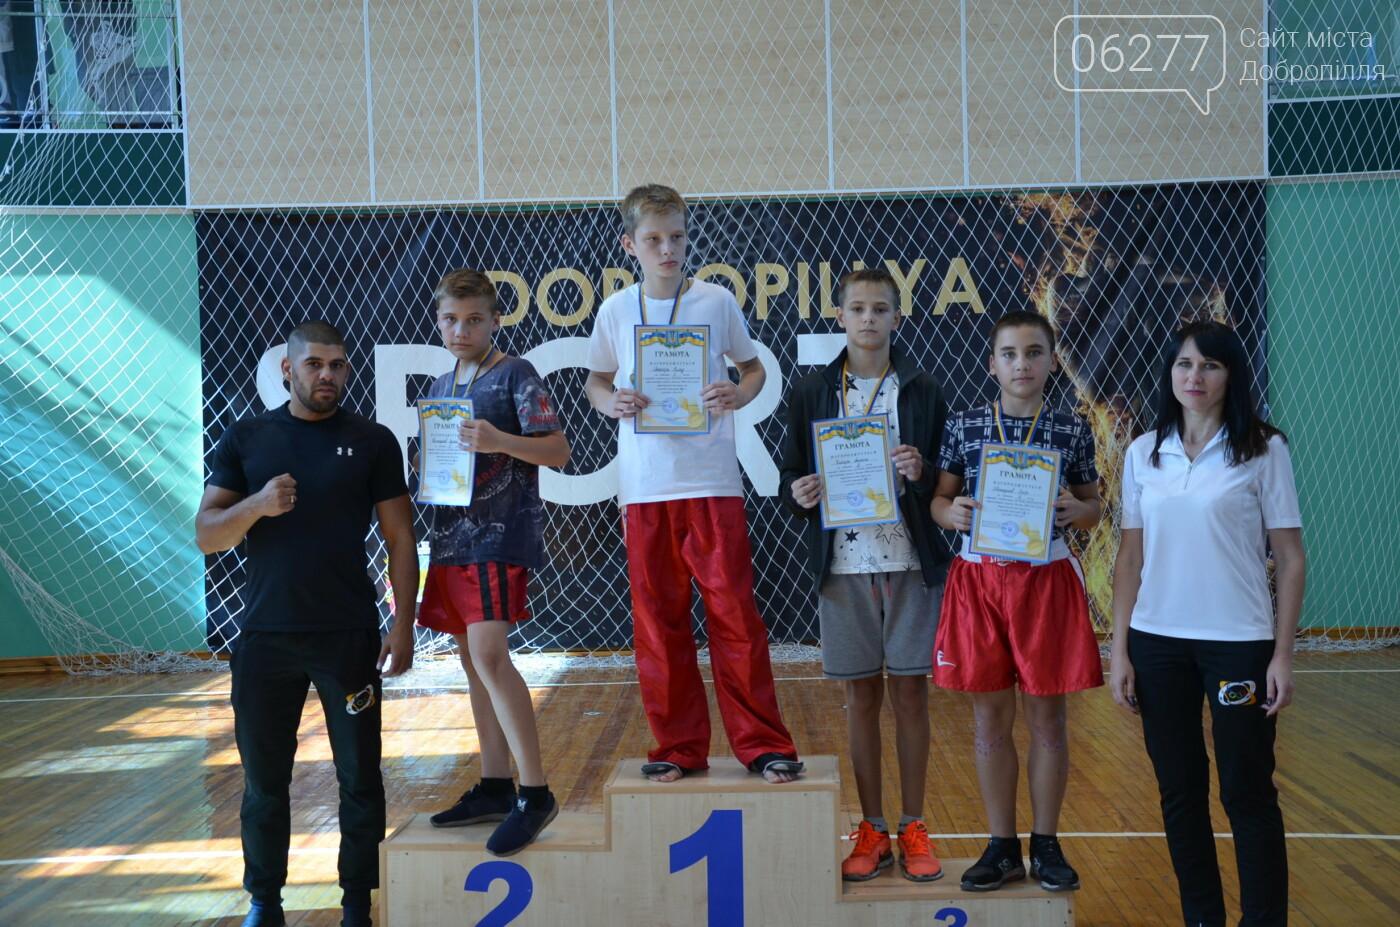 Турнір з кікбоксингу відбувся у Палаці спорту Добропілля, фото-7